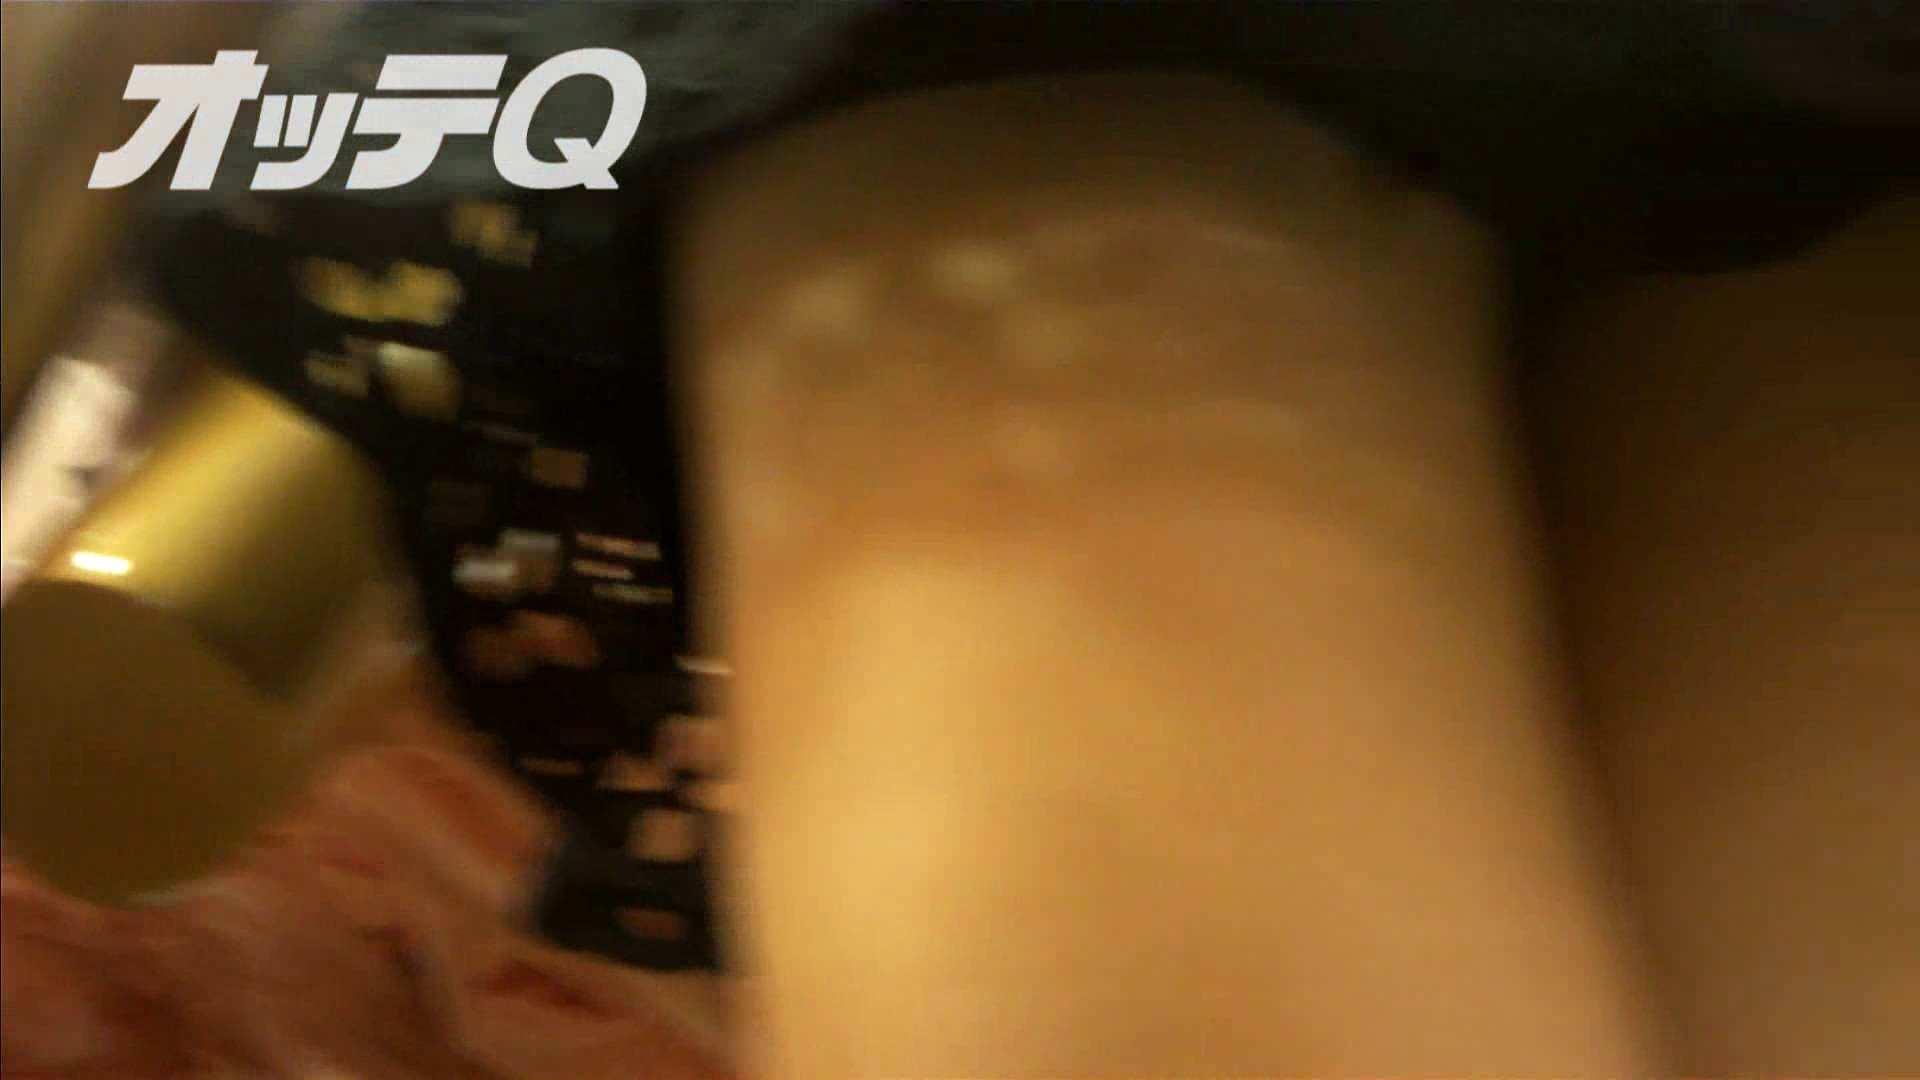 ハイビジョンパンチラ オッテQさんの追跡パンチラデパート編VOL.03 パンツ AV無料動画キャプチャ 90pic 89